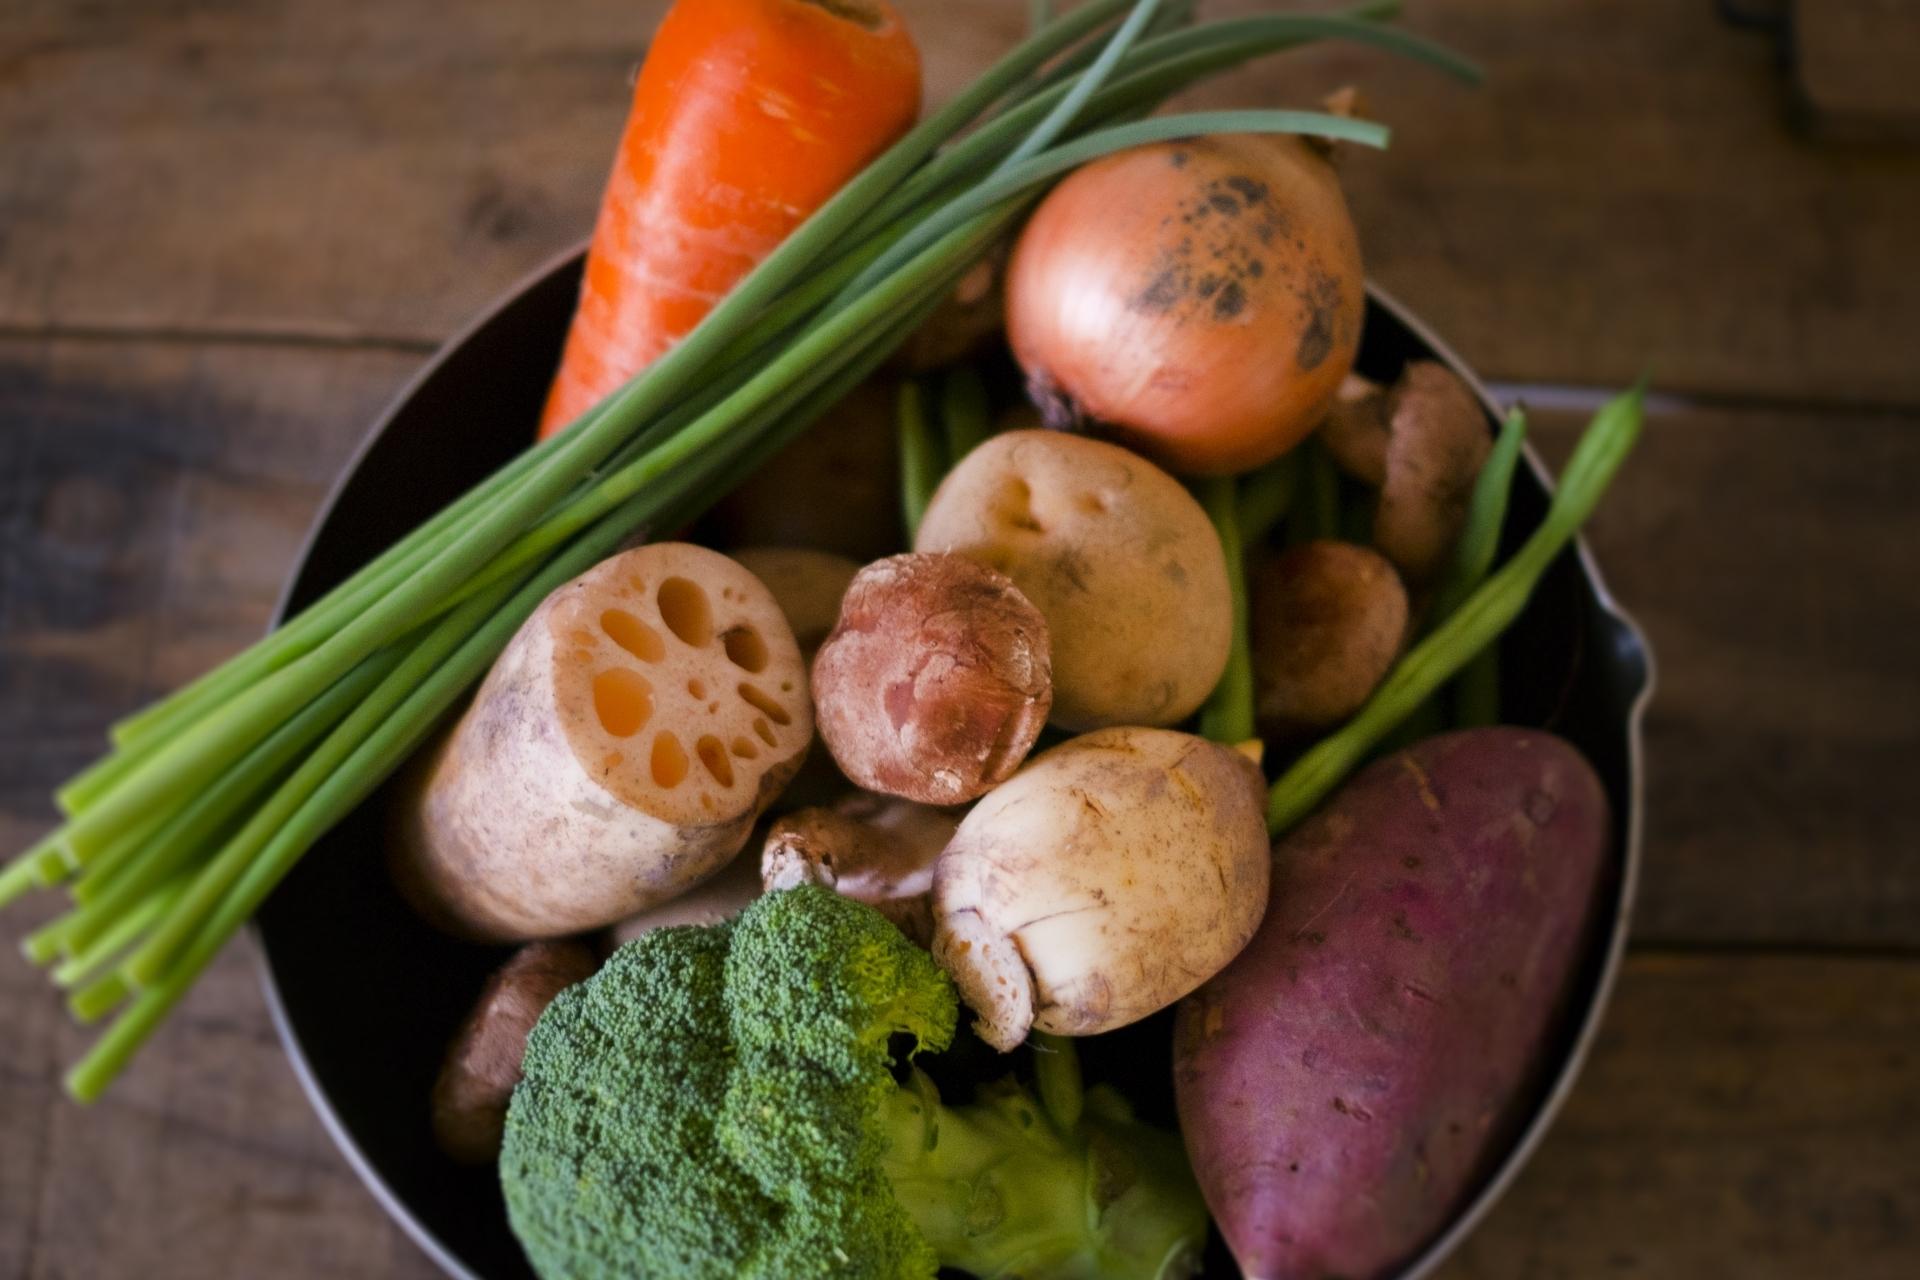 ボールに入った有機野菜 レンコン にんじん さつま じゃがいも いんげん ニンニクの芽